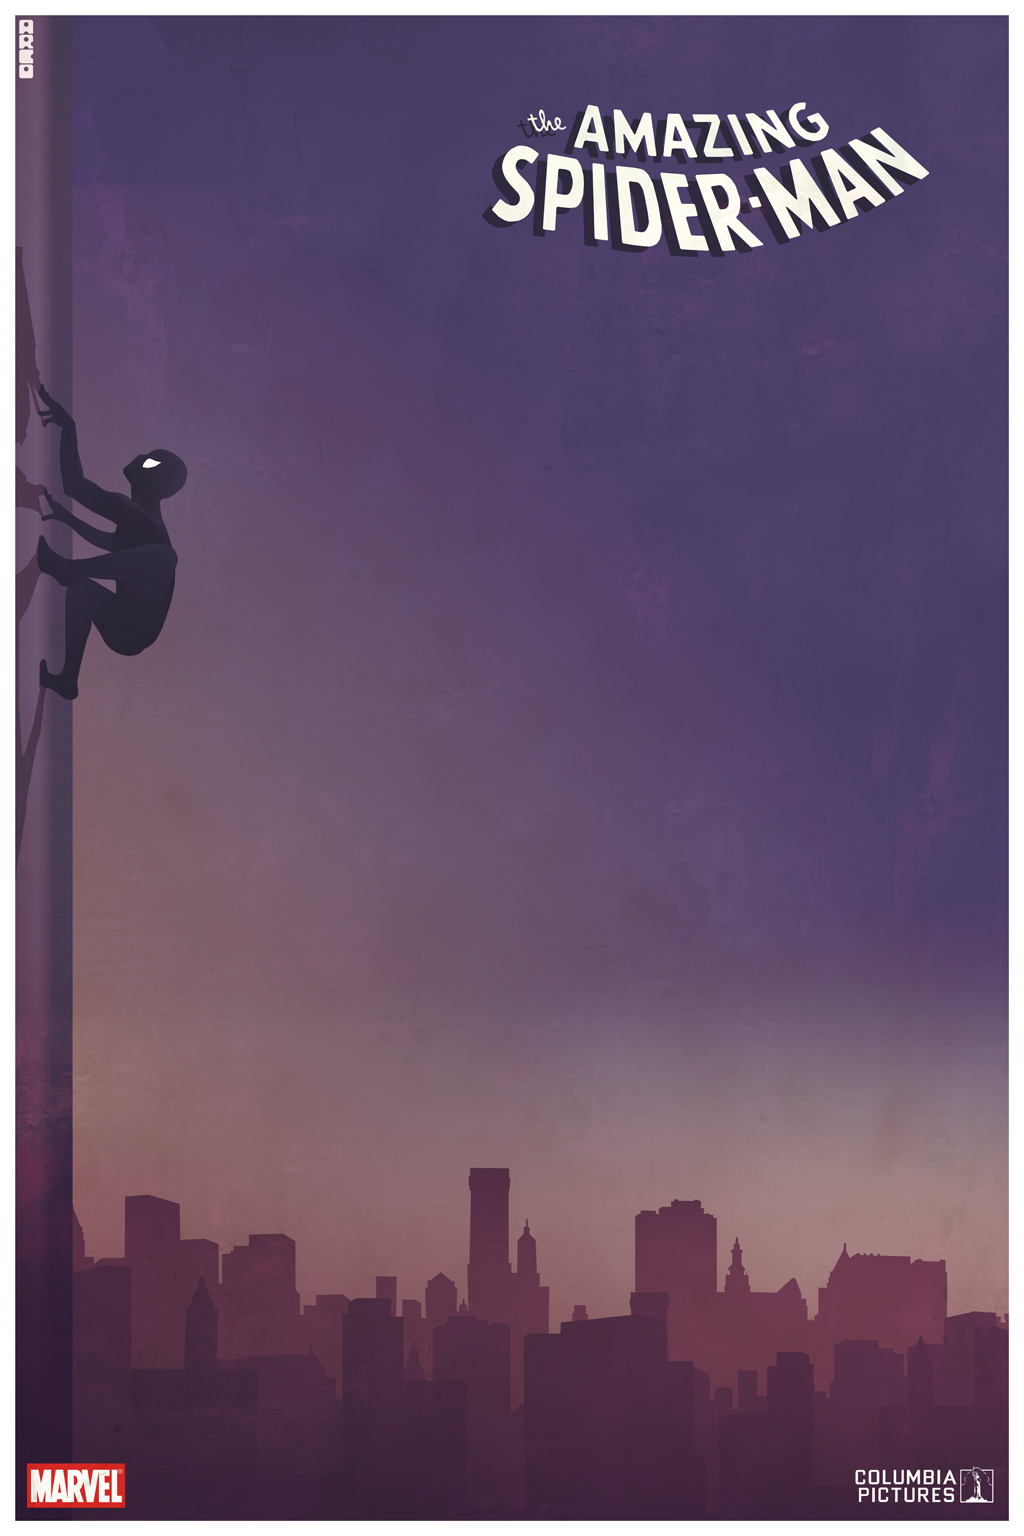 Spider Man Movie Poster Art